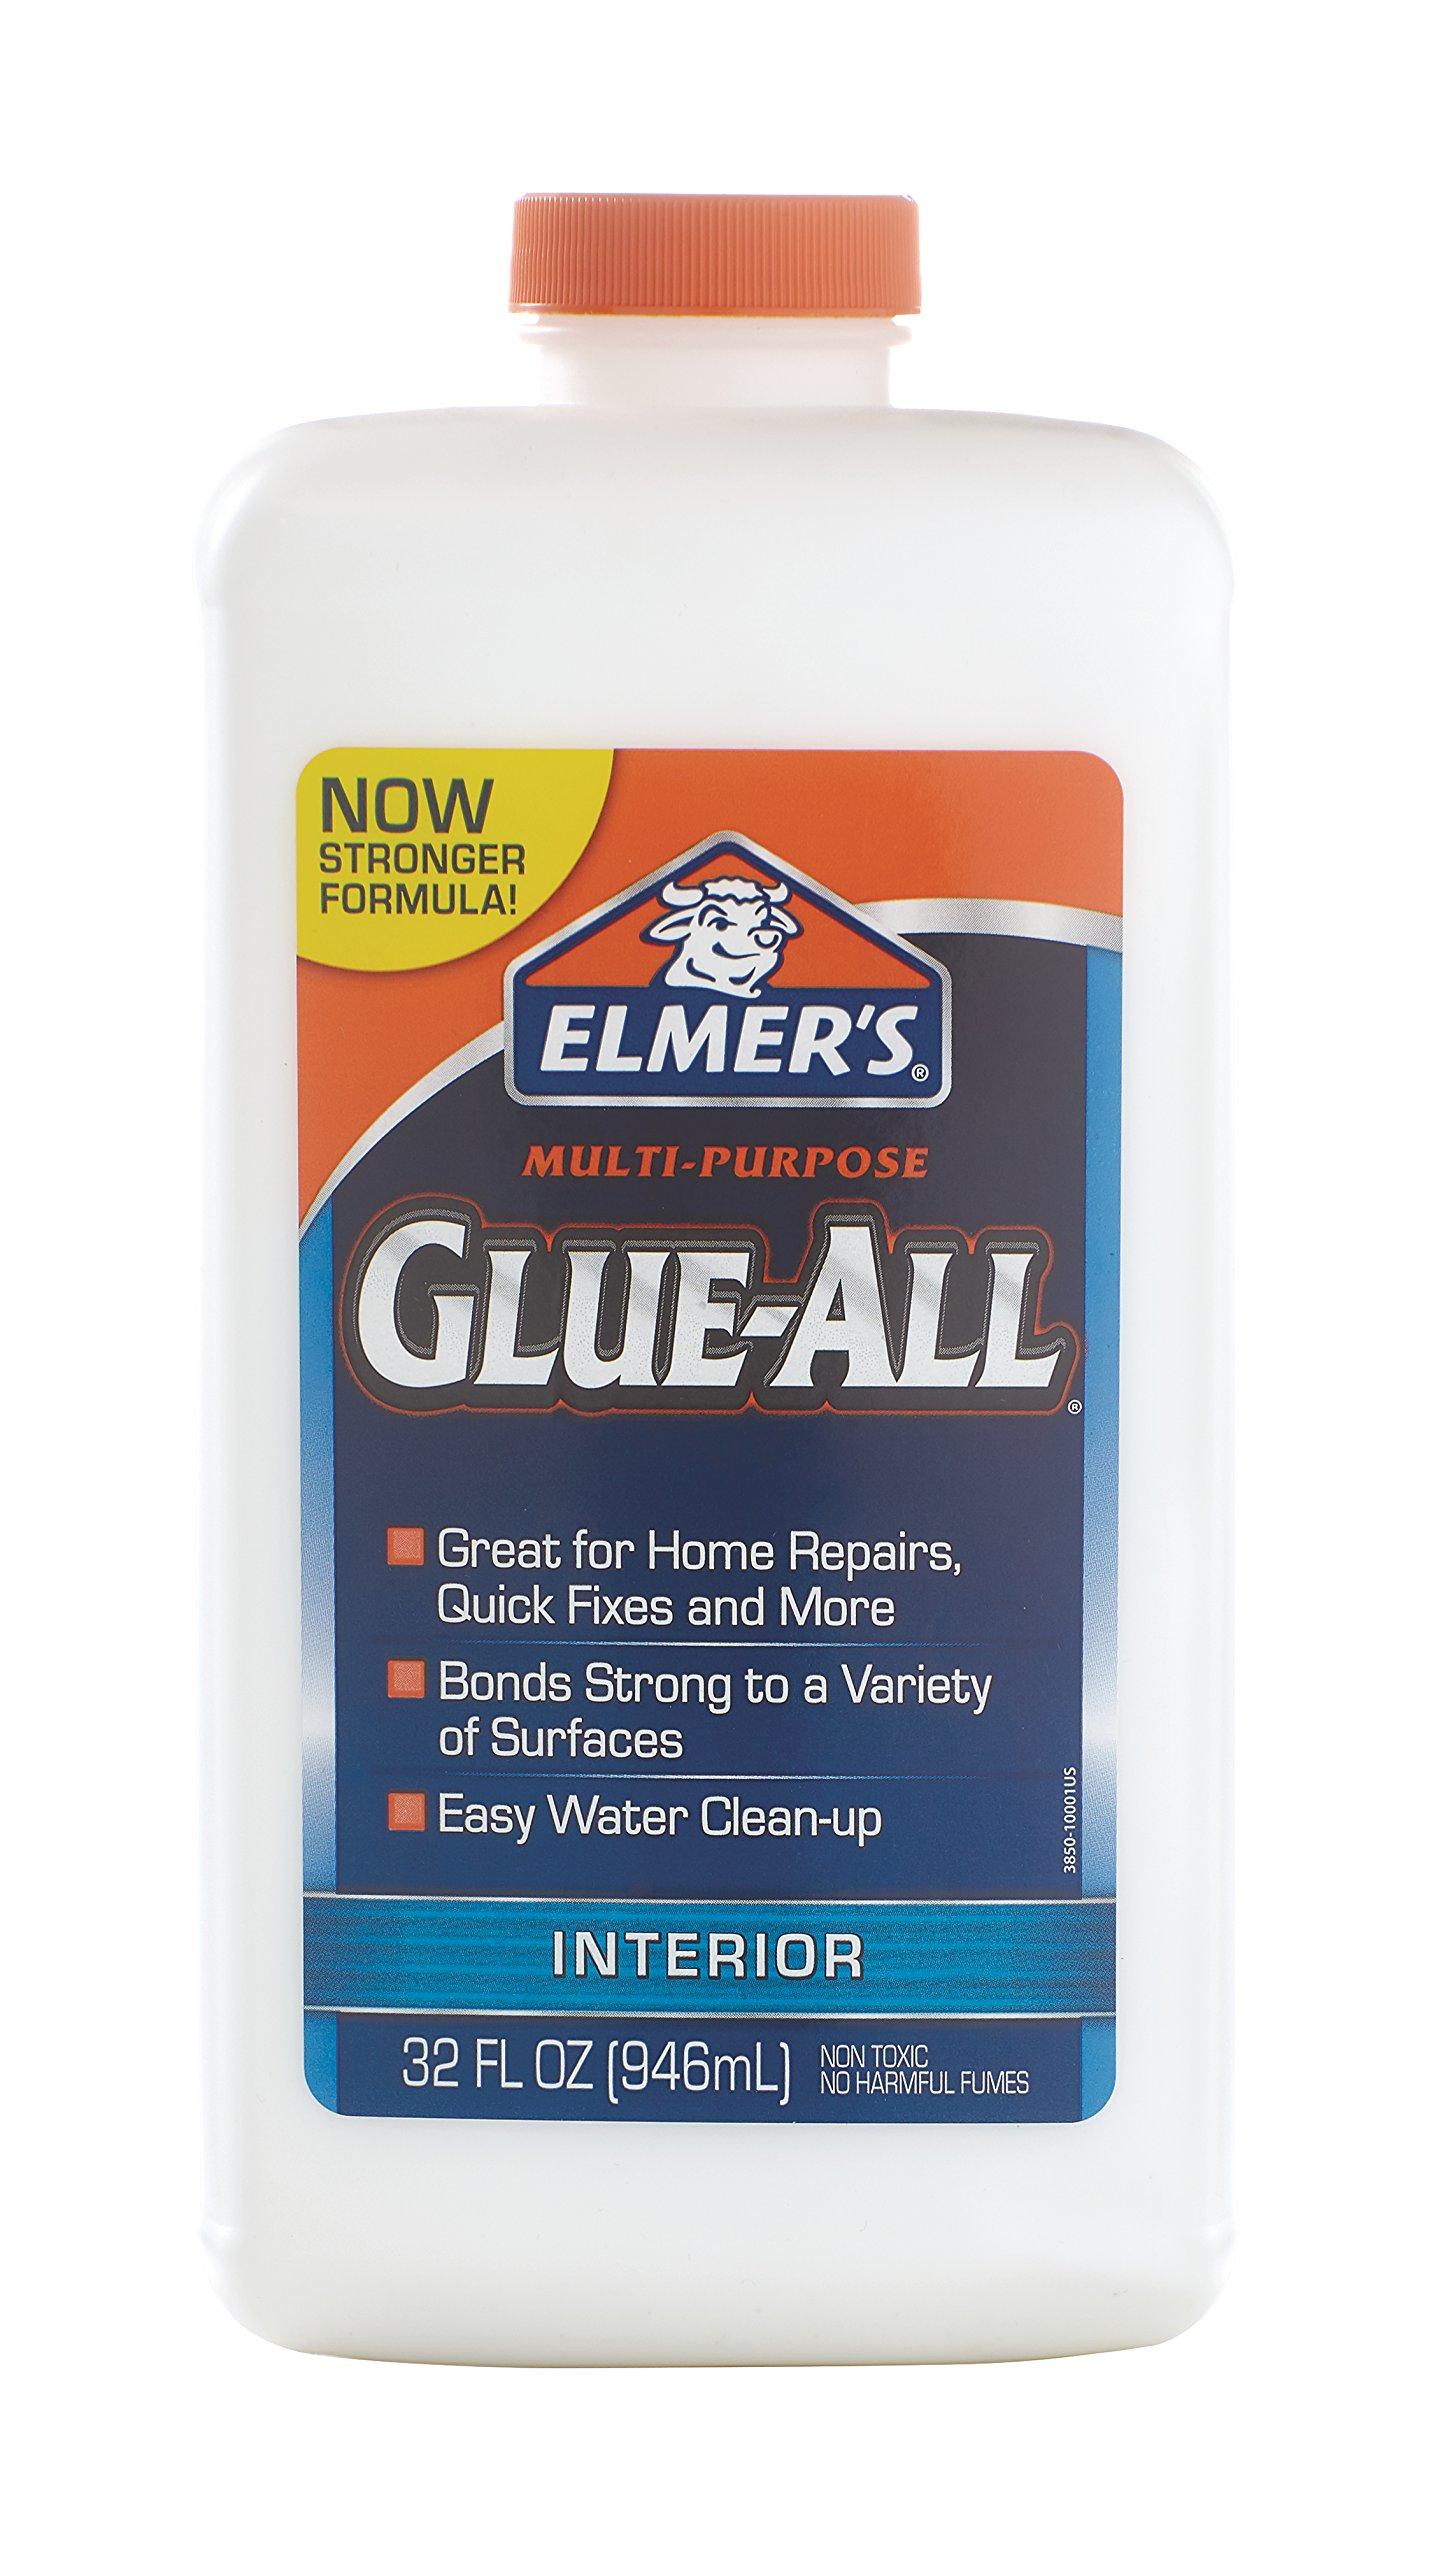 Elmer's Glue-All Multi-Purpose Liquid Glue, Extra Strong, 32 Ounces, 1 Count (E3850)